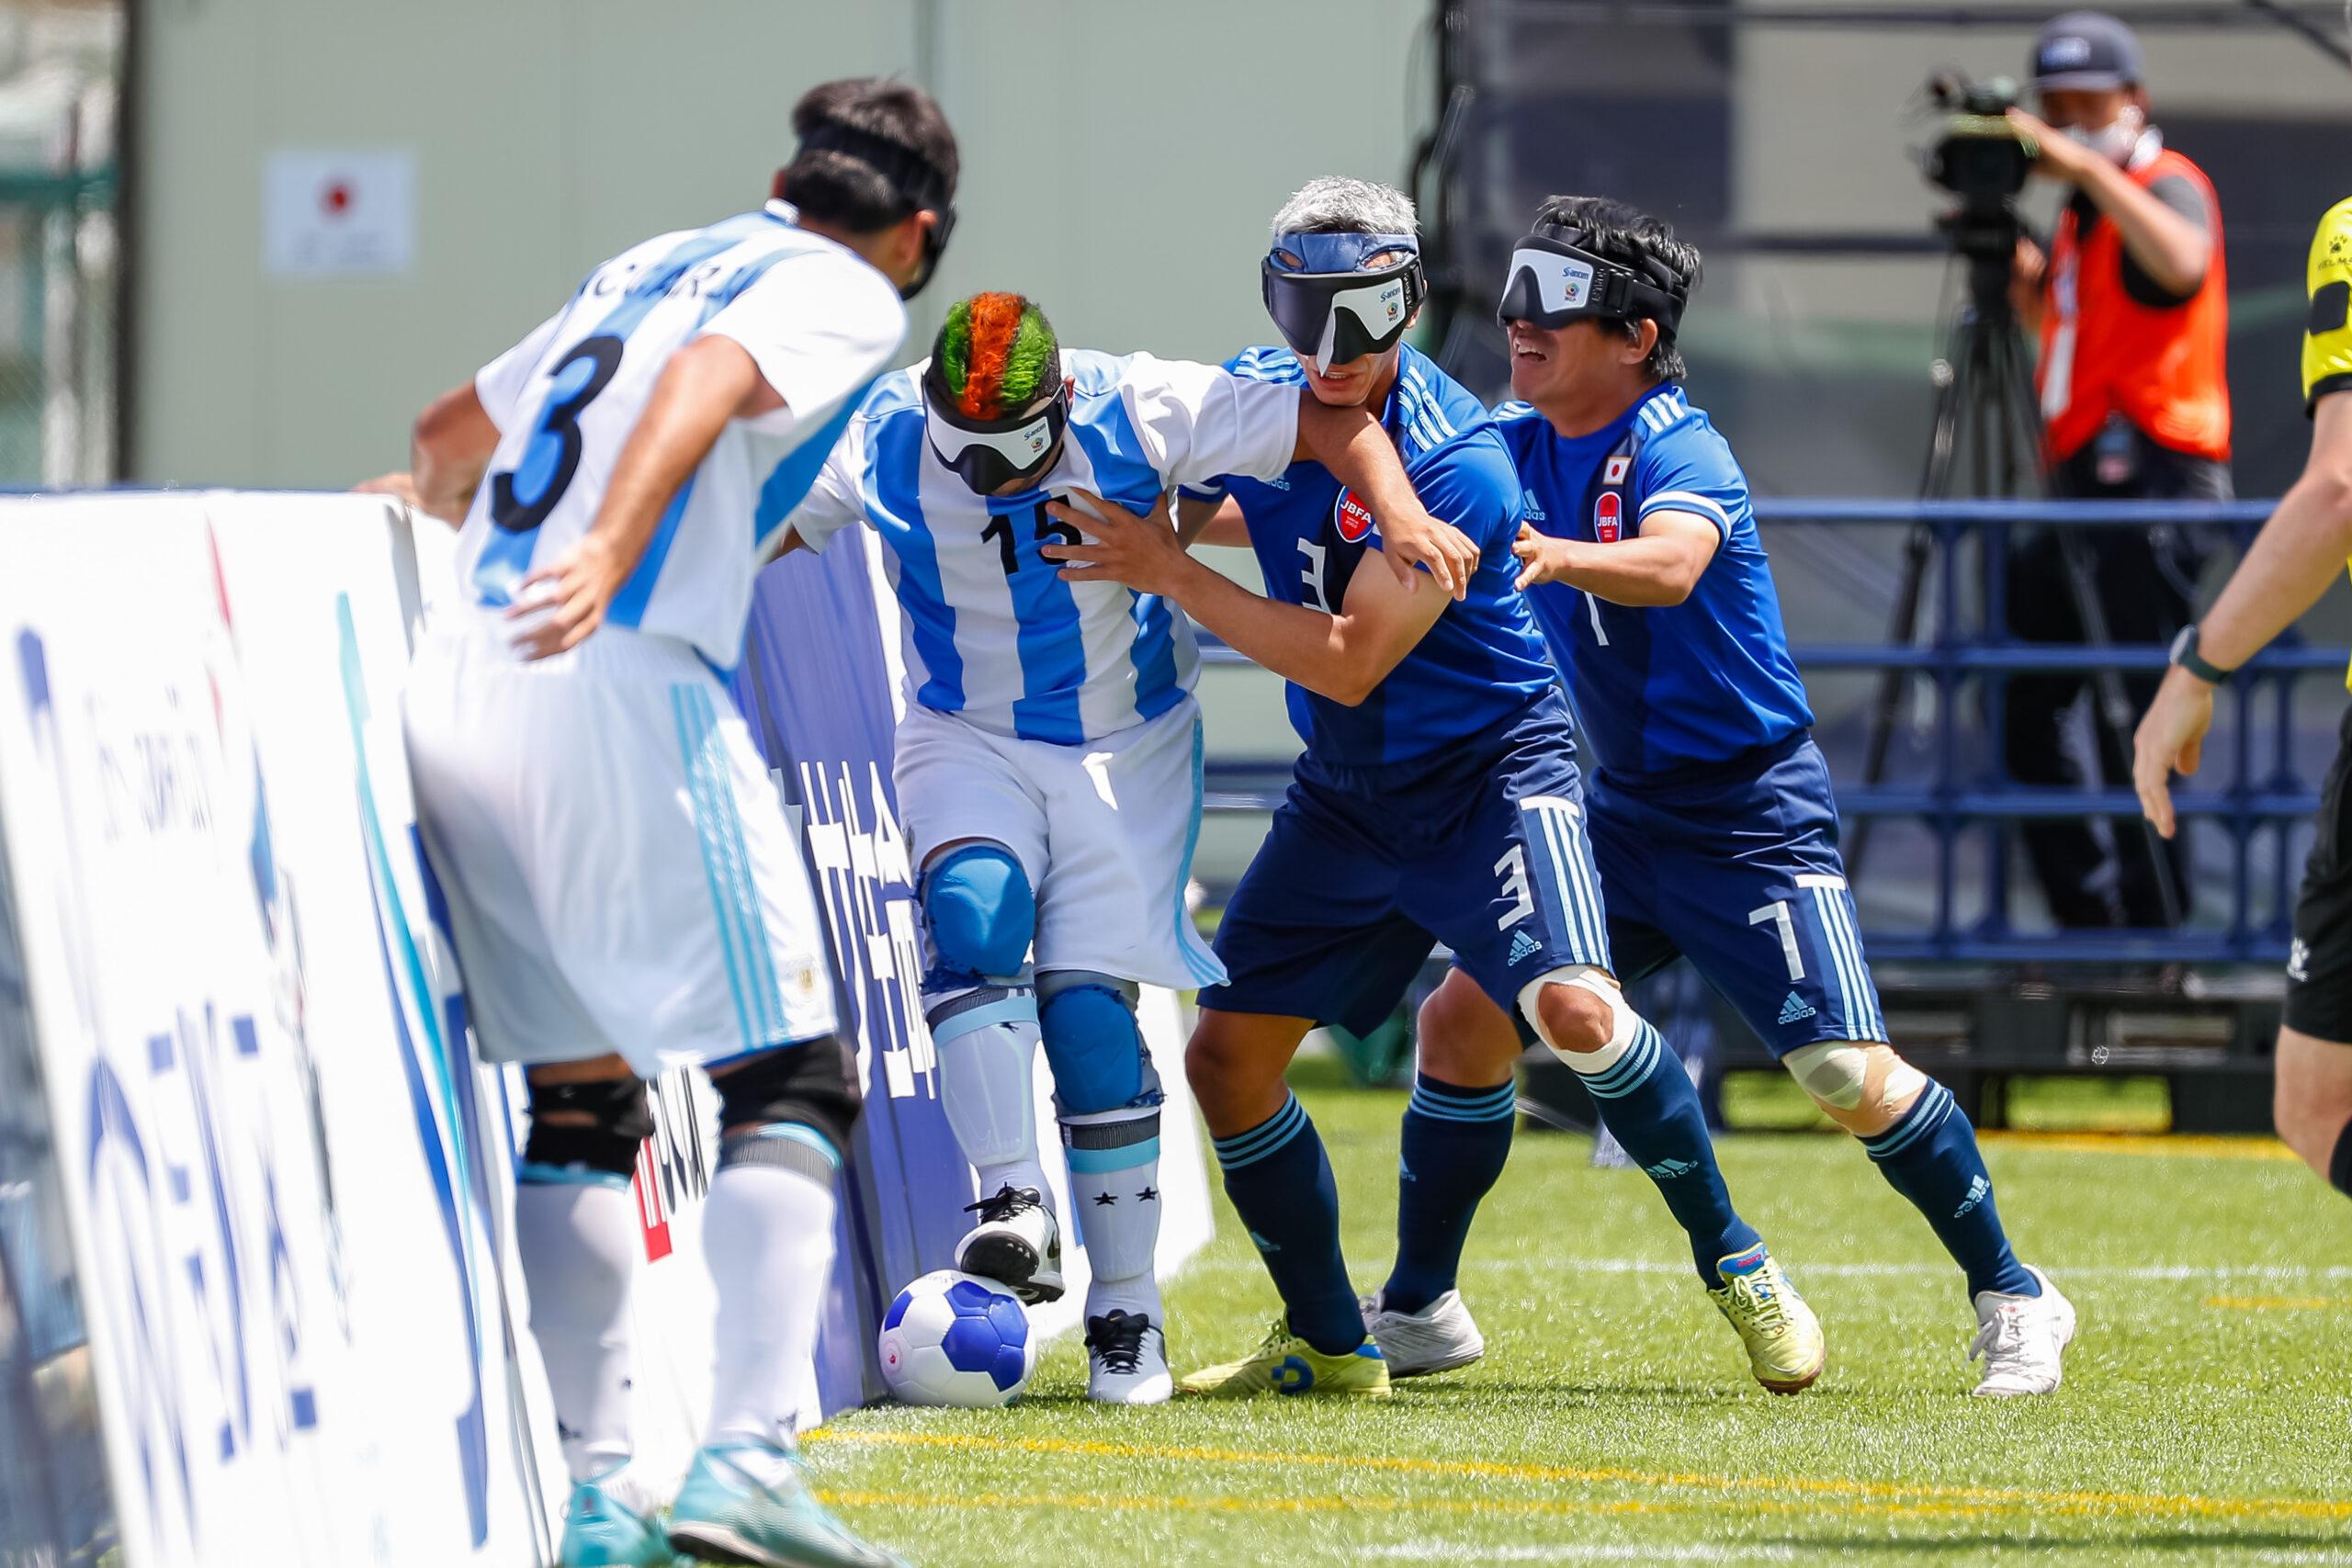 大会5日目 日本vsアルゼンチン マキシミリアーノを抑え込む 佐々木ロベルト泉と田中章仁